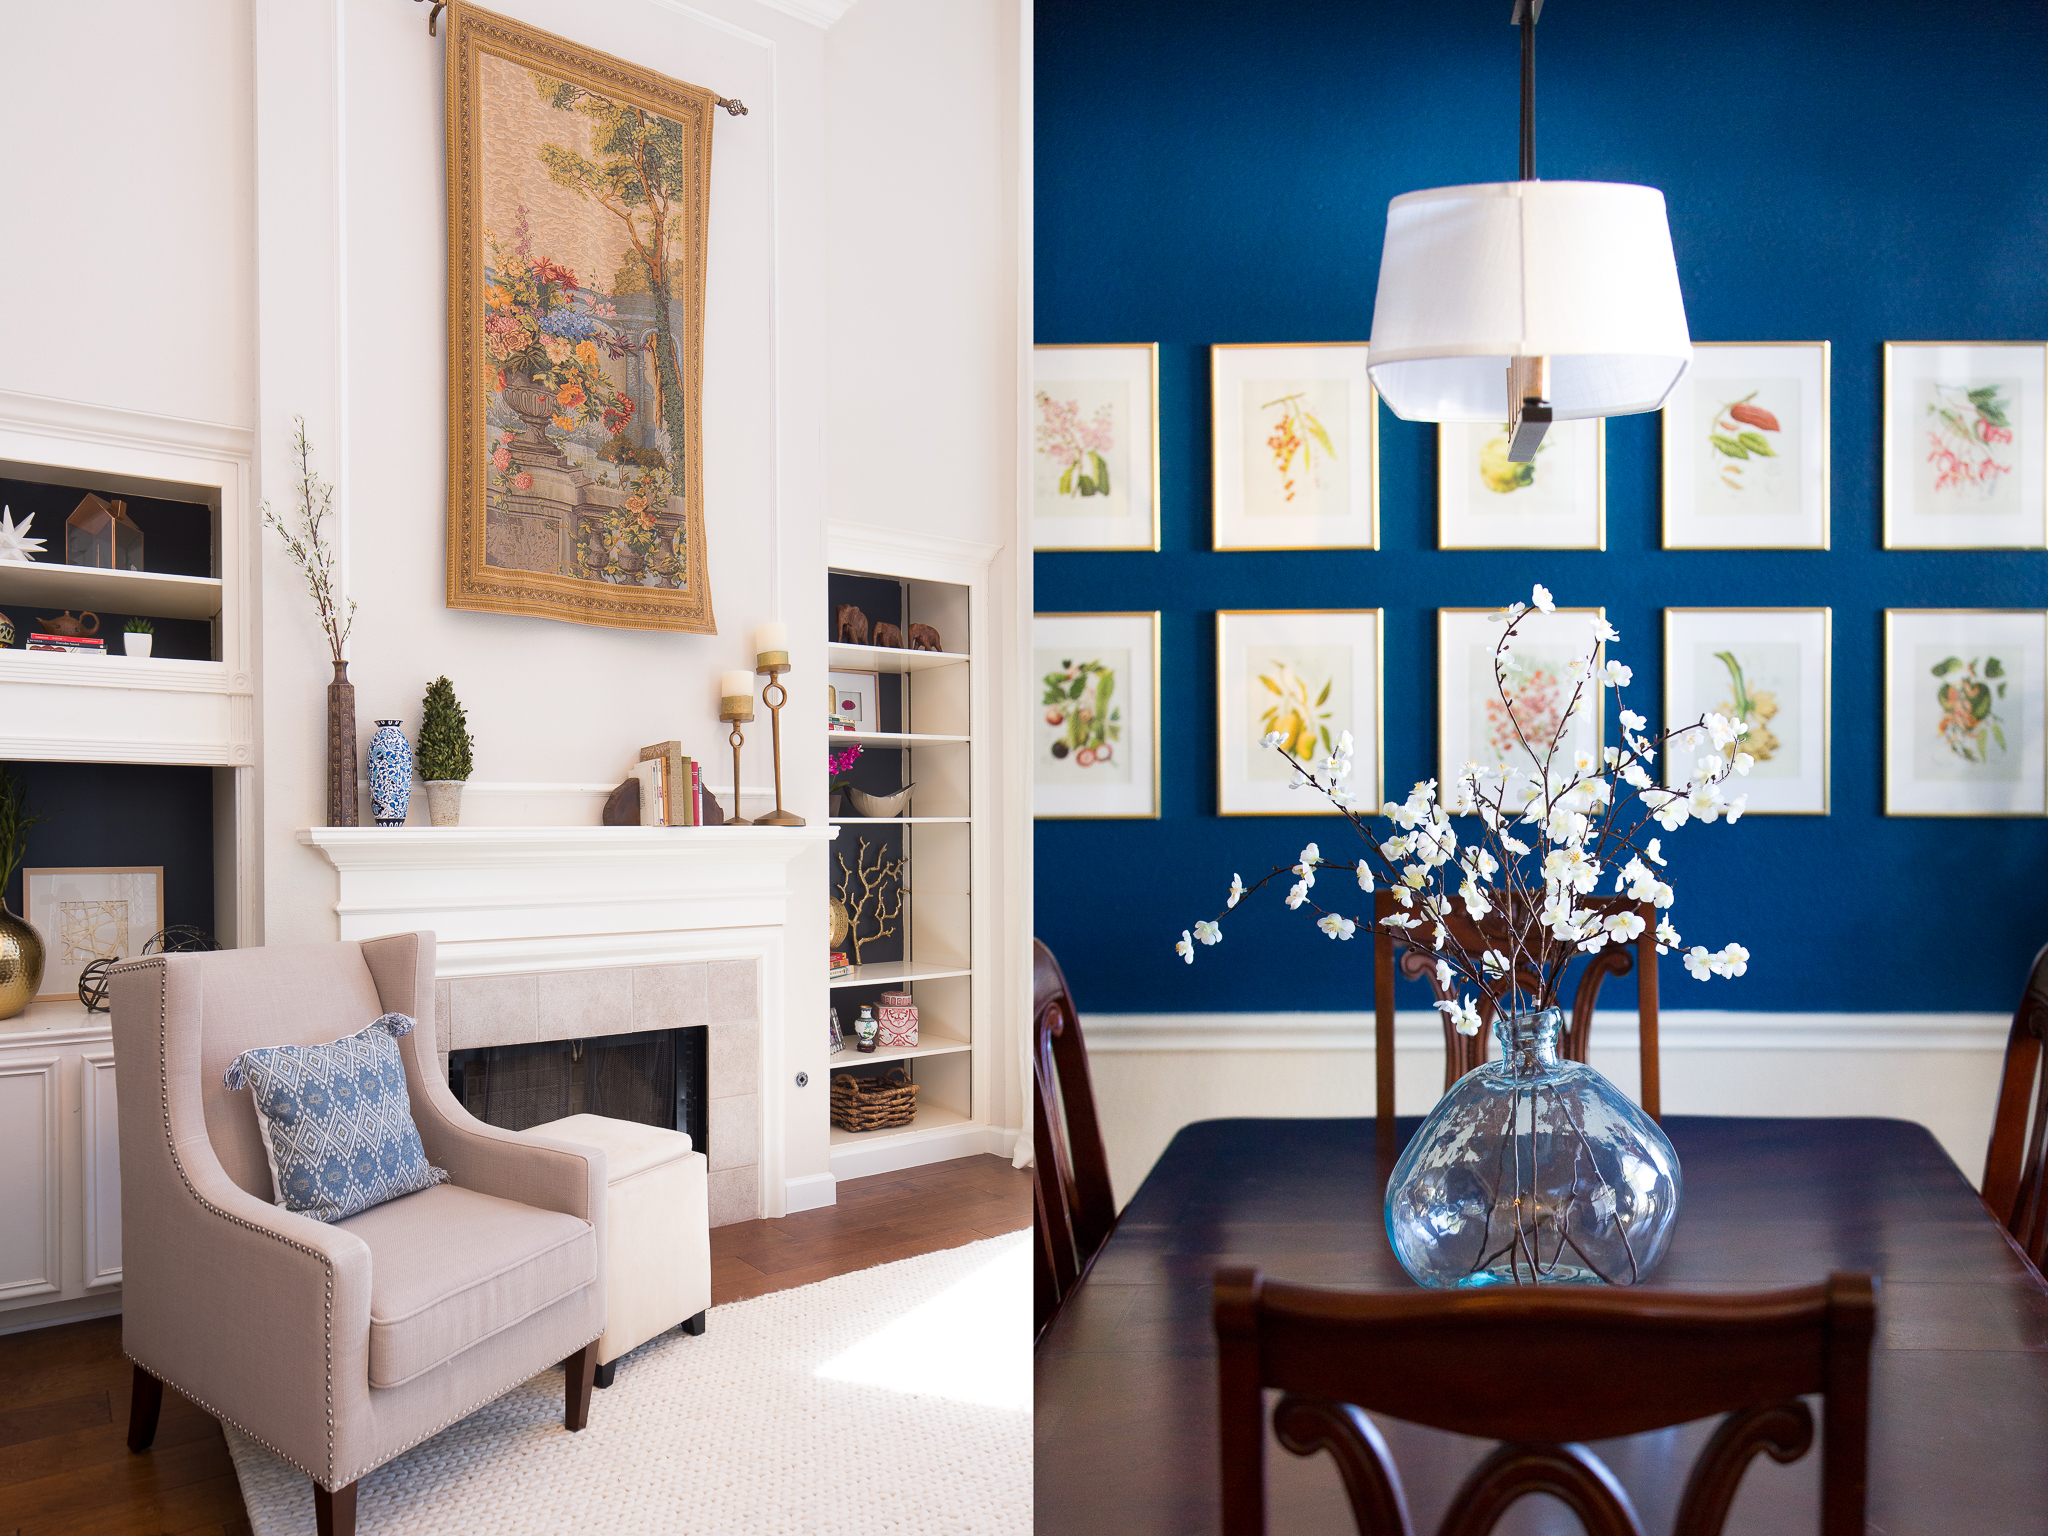 Design_House-21.jpg